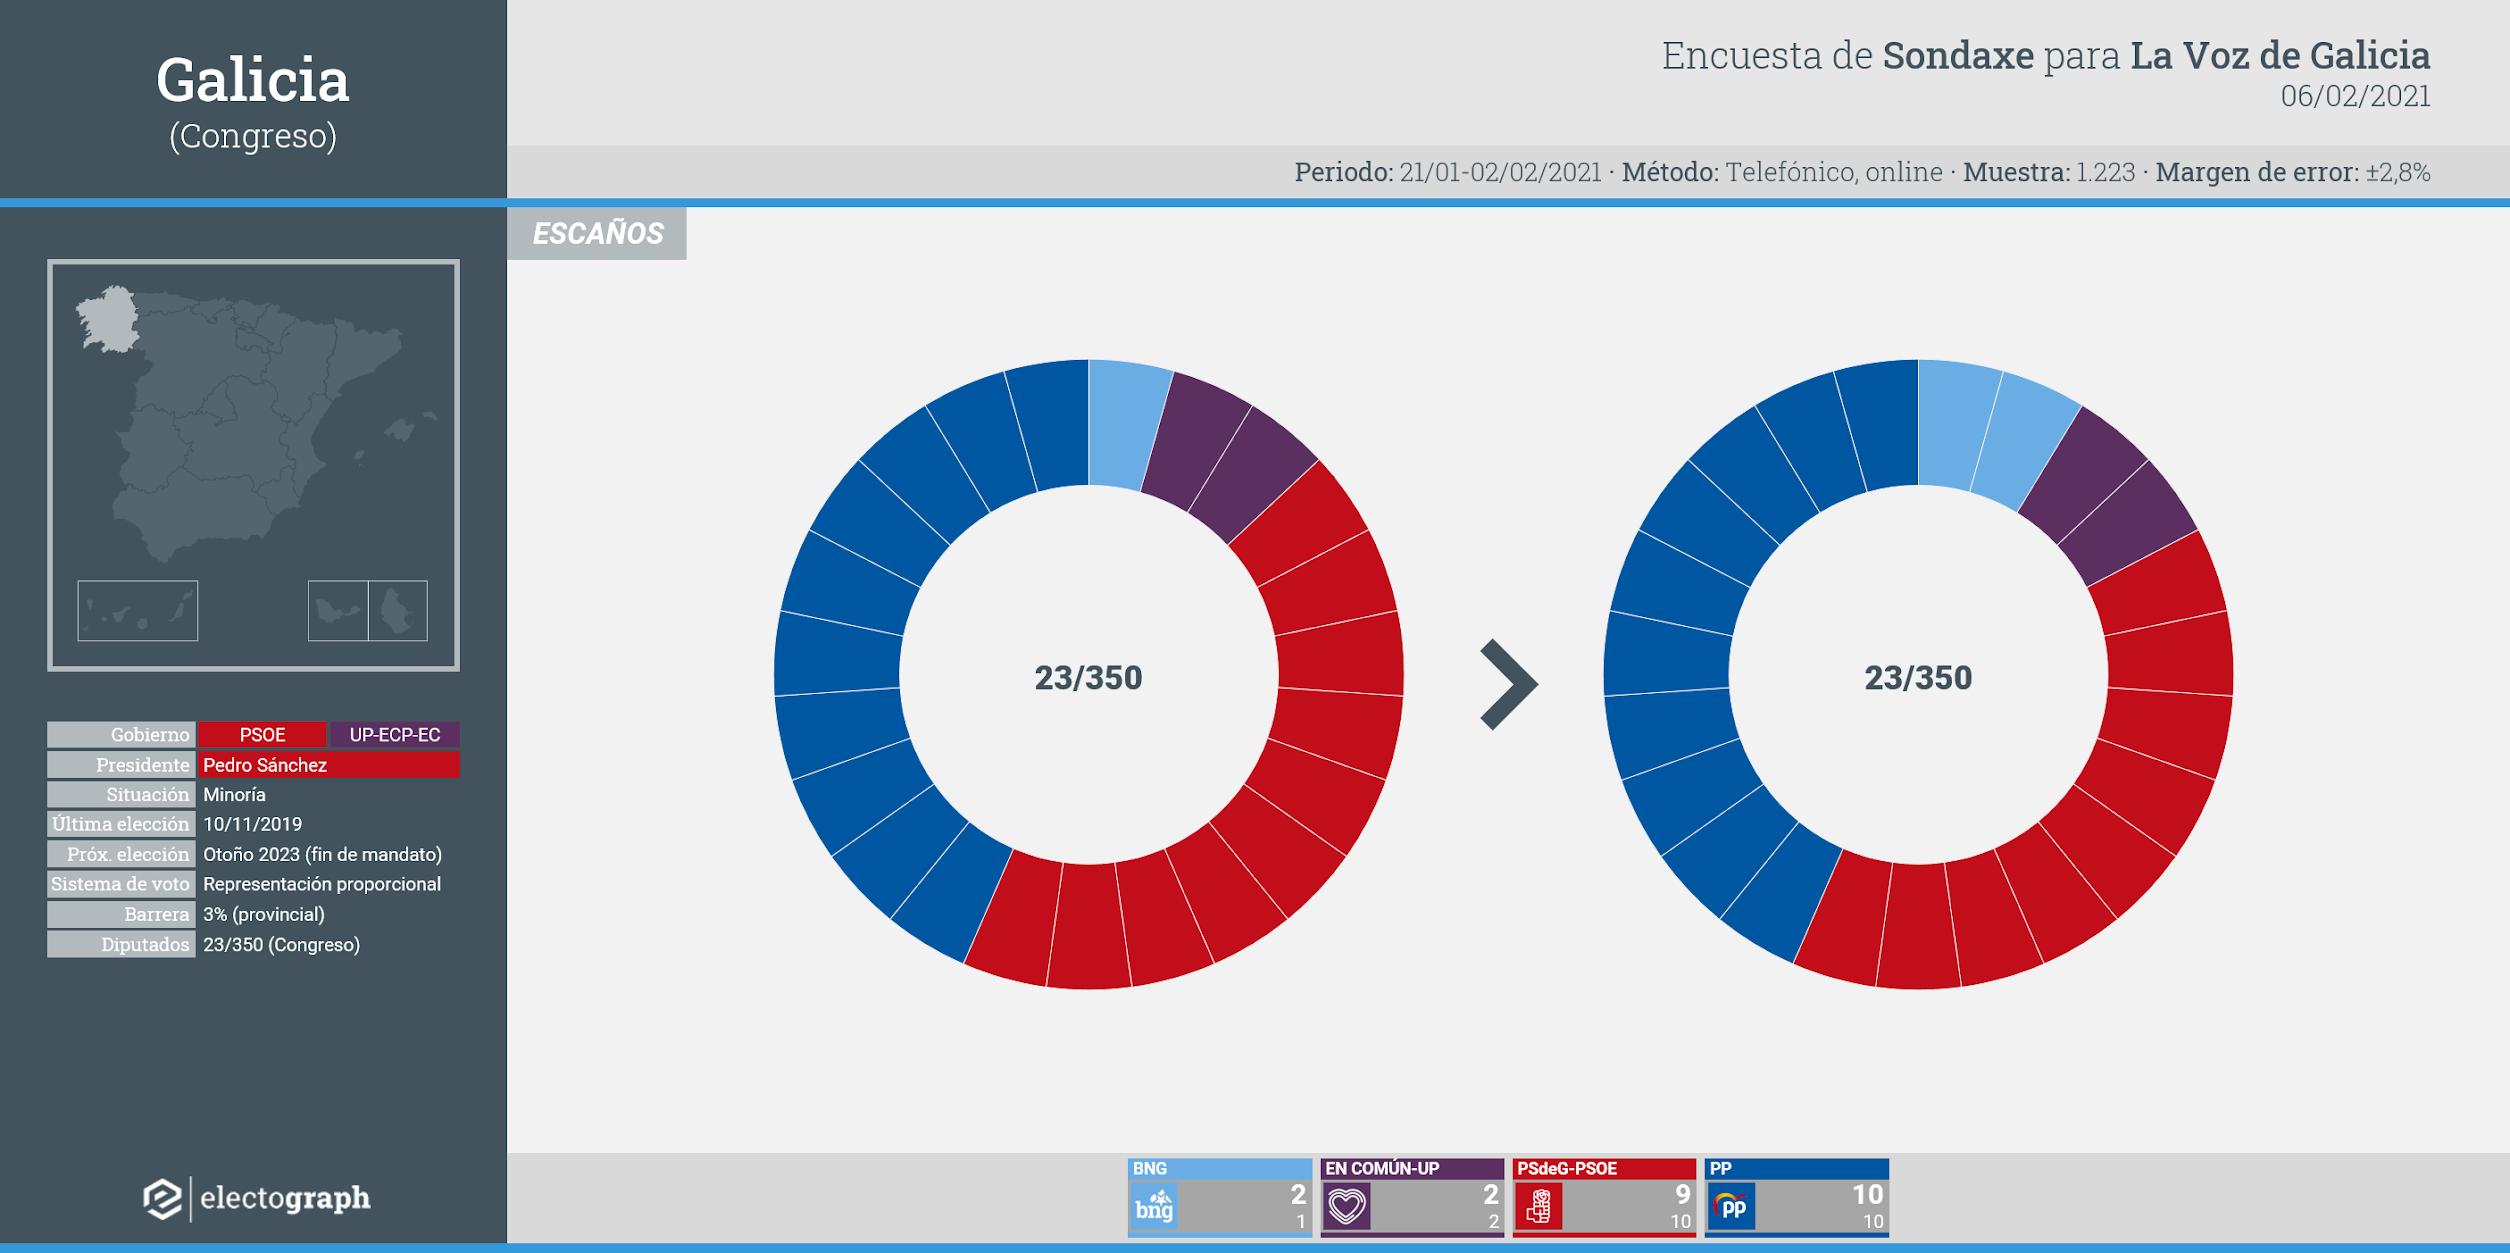 Gráfico de la encuesta para elecciones generales en Galicia realizada por Sondaxe para La Voz de Galicia, 6 de febrero de 2021